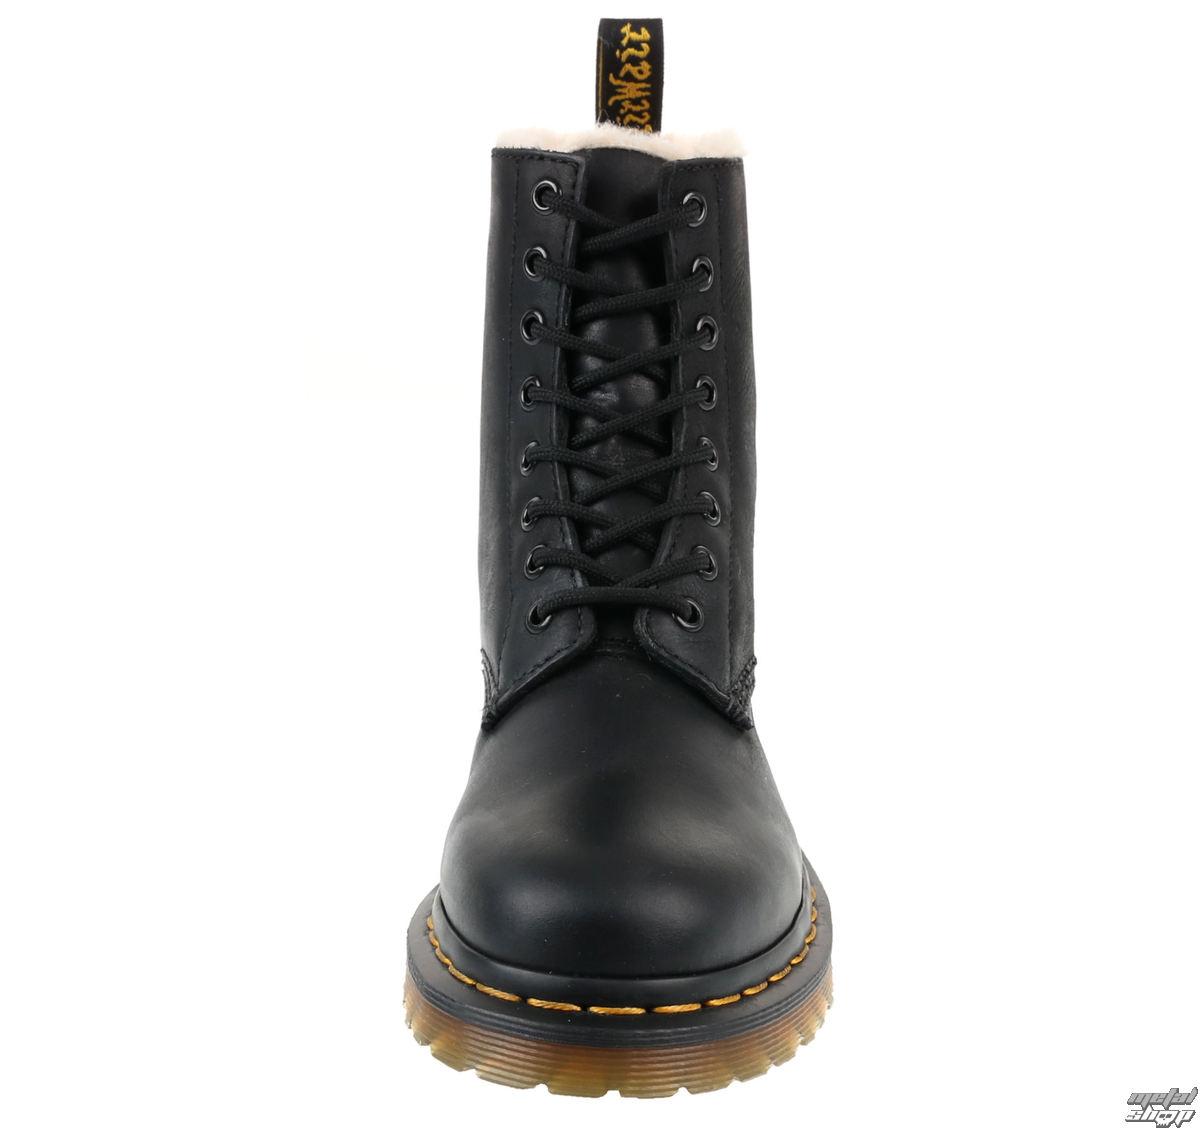 78bf0927d6 topánky 8dírkové Dr. Martens - Serena - DM21797001 - metalshop.sk